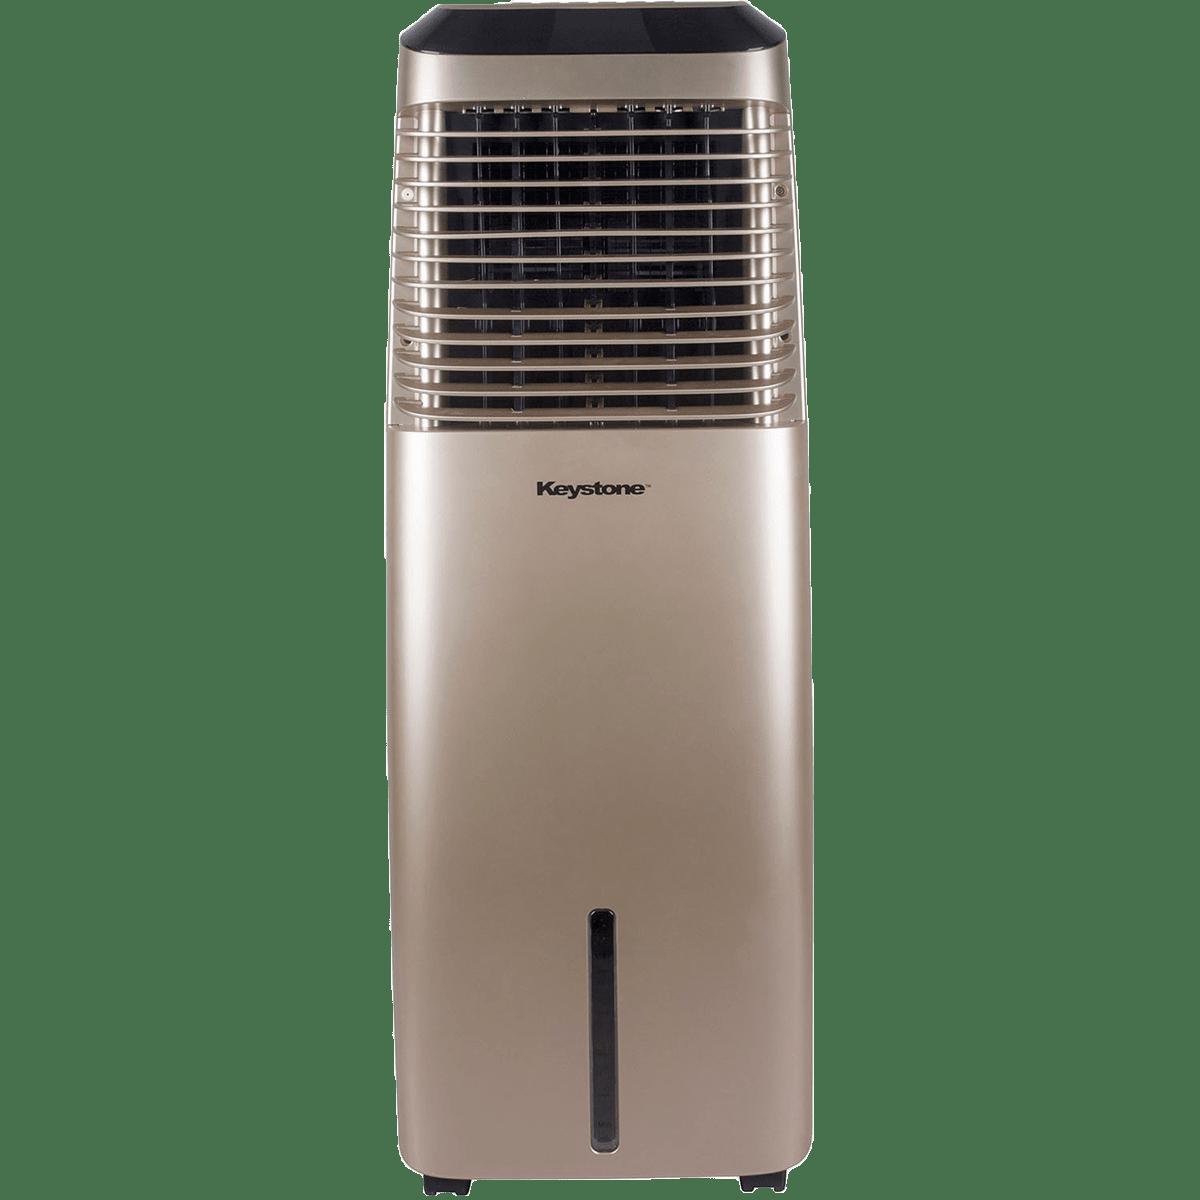 Keystone 30 Liter Indoor/Outdoor Evaporative Cooler ke7688